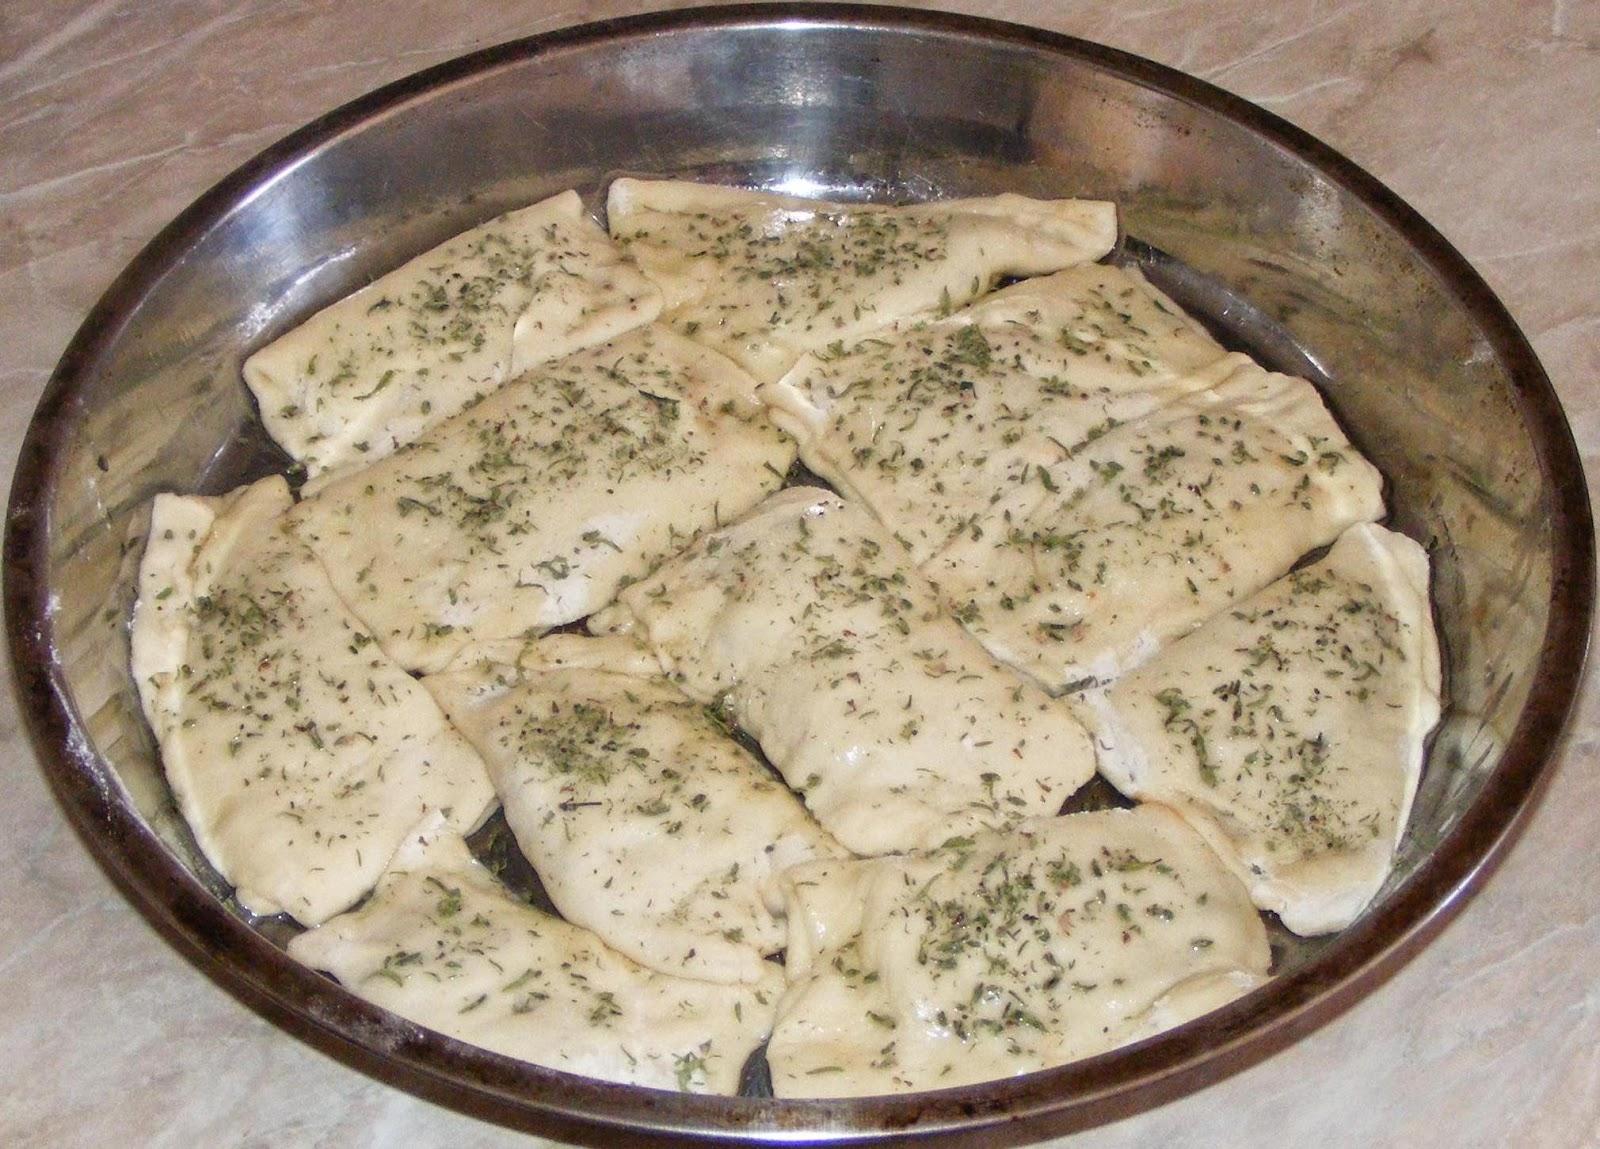 preparare pesmeti de post cu ceapa si ciuperci, cum se prepara pesmetii de post cu ceapa si ciuperci, cum facem pesmeti de post cu ceapa si ciuperci, retete si preparate culinare de mancaruri de post,